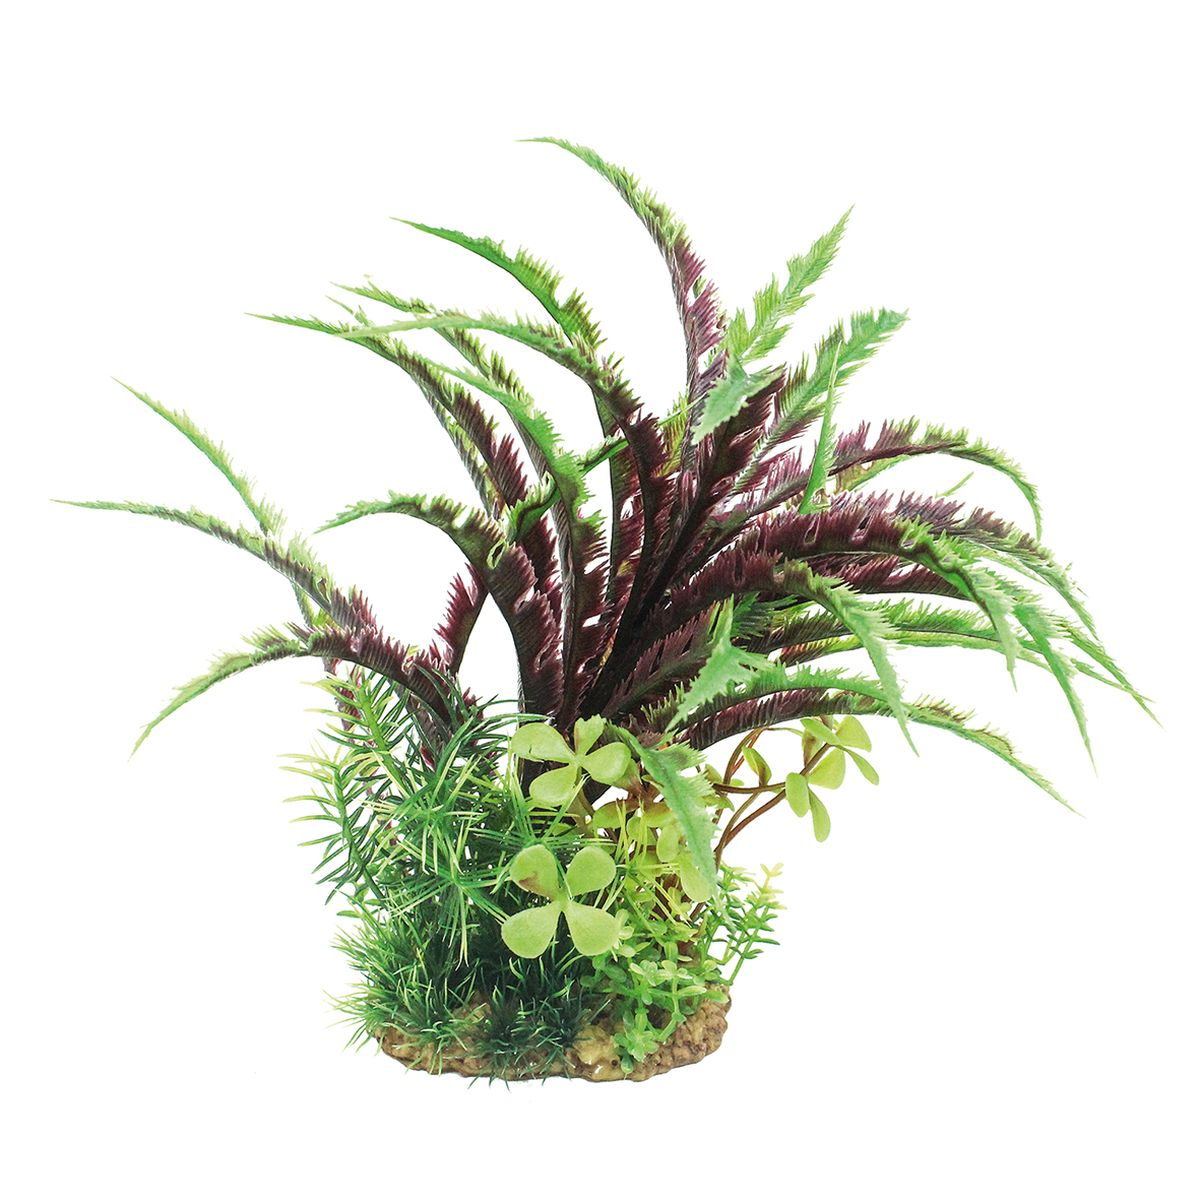 Растение для аквариума ArtUniq Дизиготека, высота 20 см12171996Композиция из искусственных растений ArtUniq превосходно украсит и оживит аквариум.Растения - это важная часть любой композиции, они помогут вдохнуть жизнь в ландшафт любого аквариума или террариума. Лучше всего это сделают яркие и сочные цвета искусственных растений серии ArtPlants. А их сходствос природными порадует даже самых взыскательных ценителей.